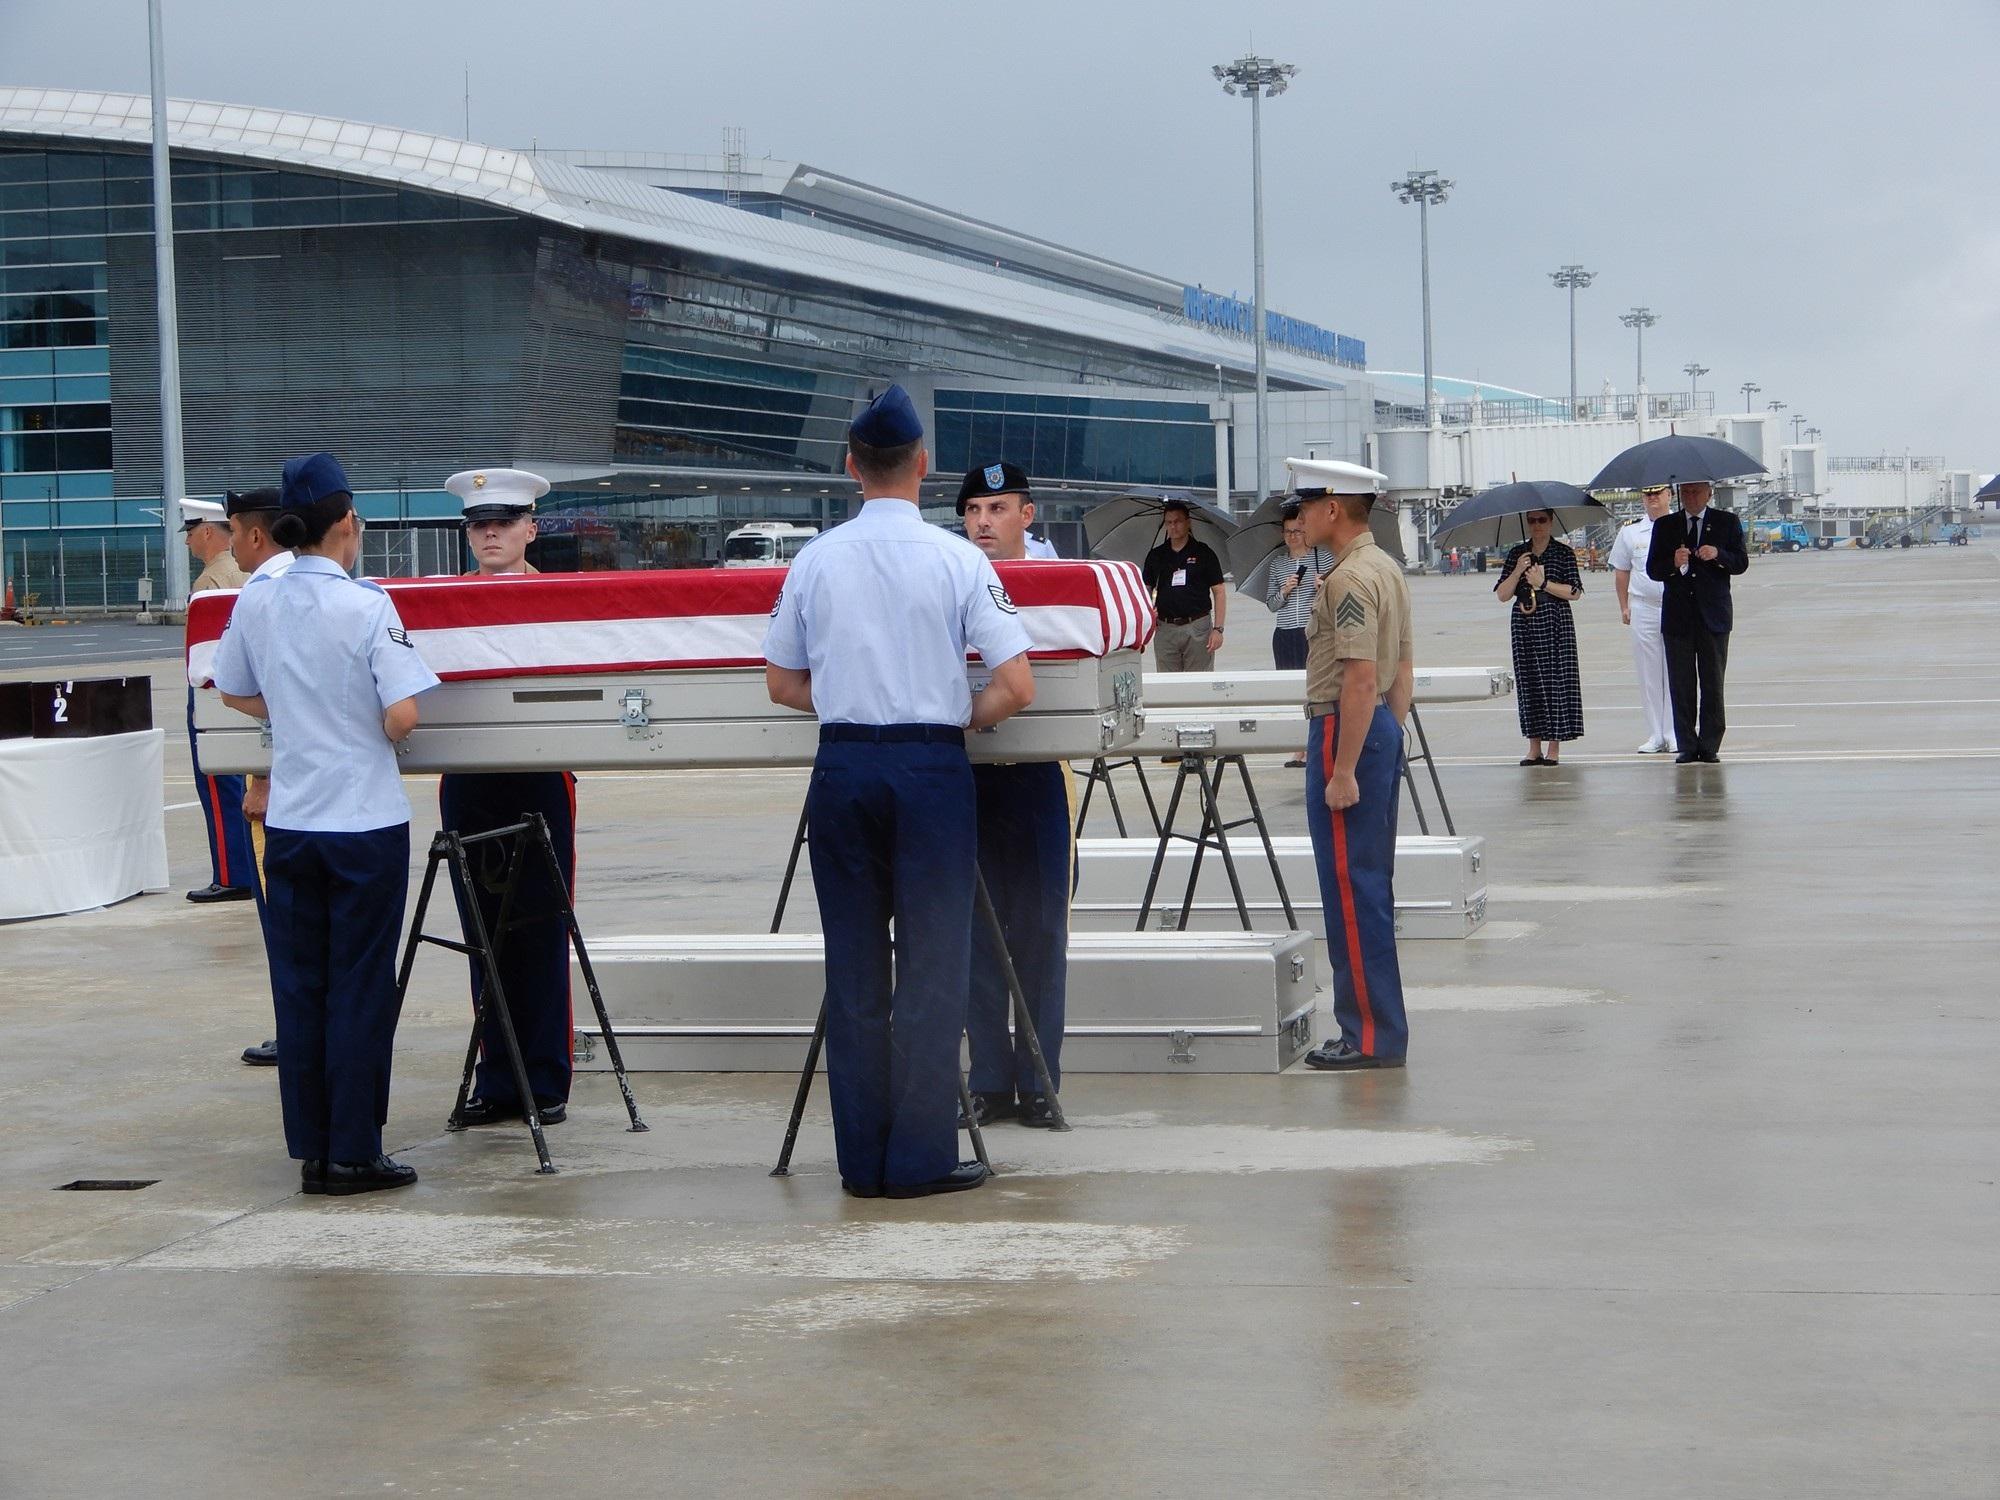 Việt Nam trao trả hài cốt quân nhân Hoa Kỳ lần thứ 147 - Ảnh 2.